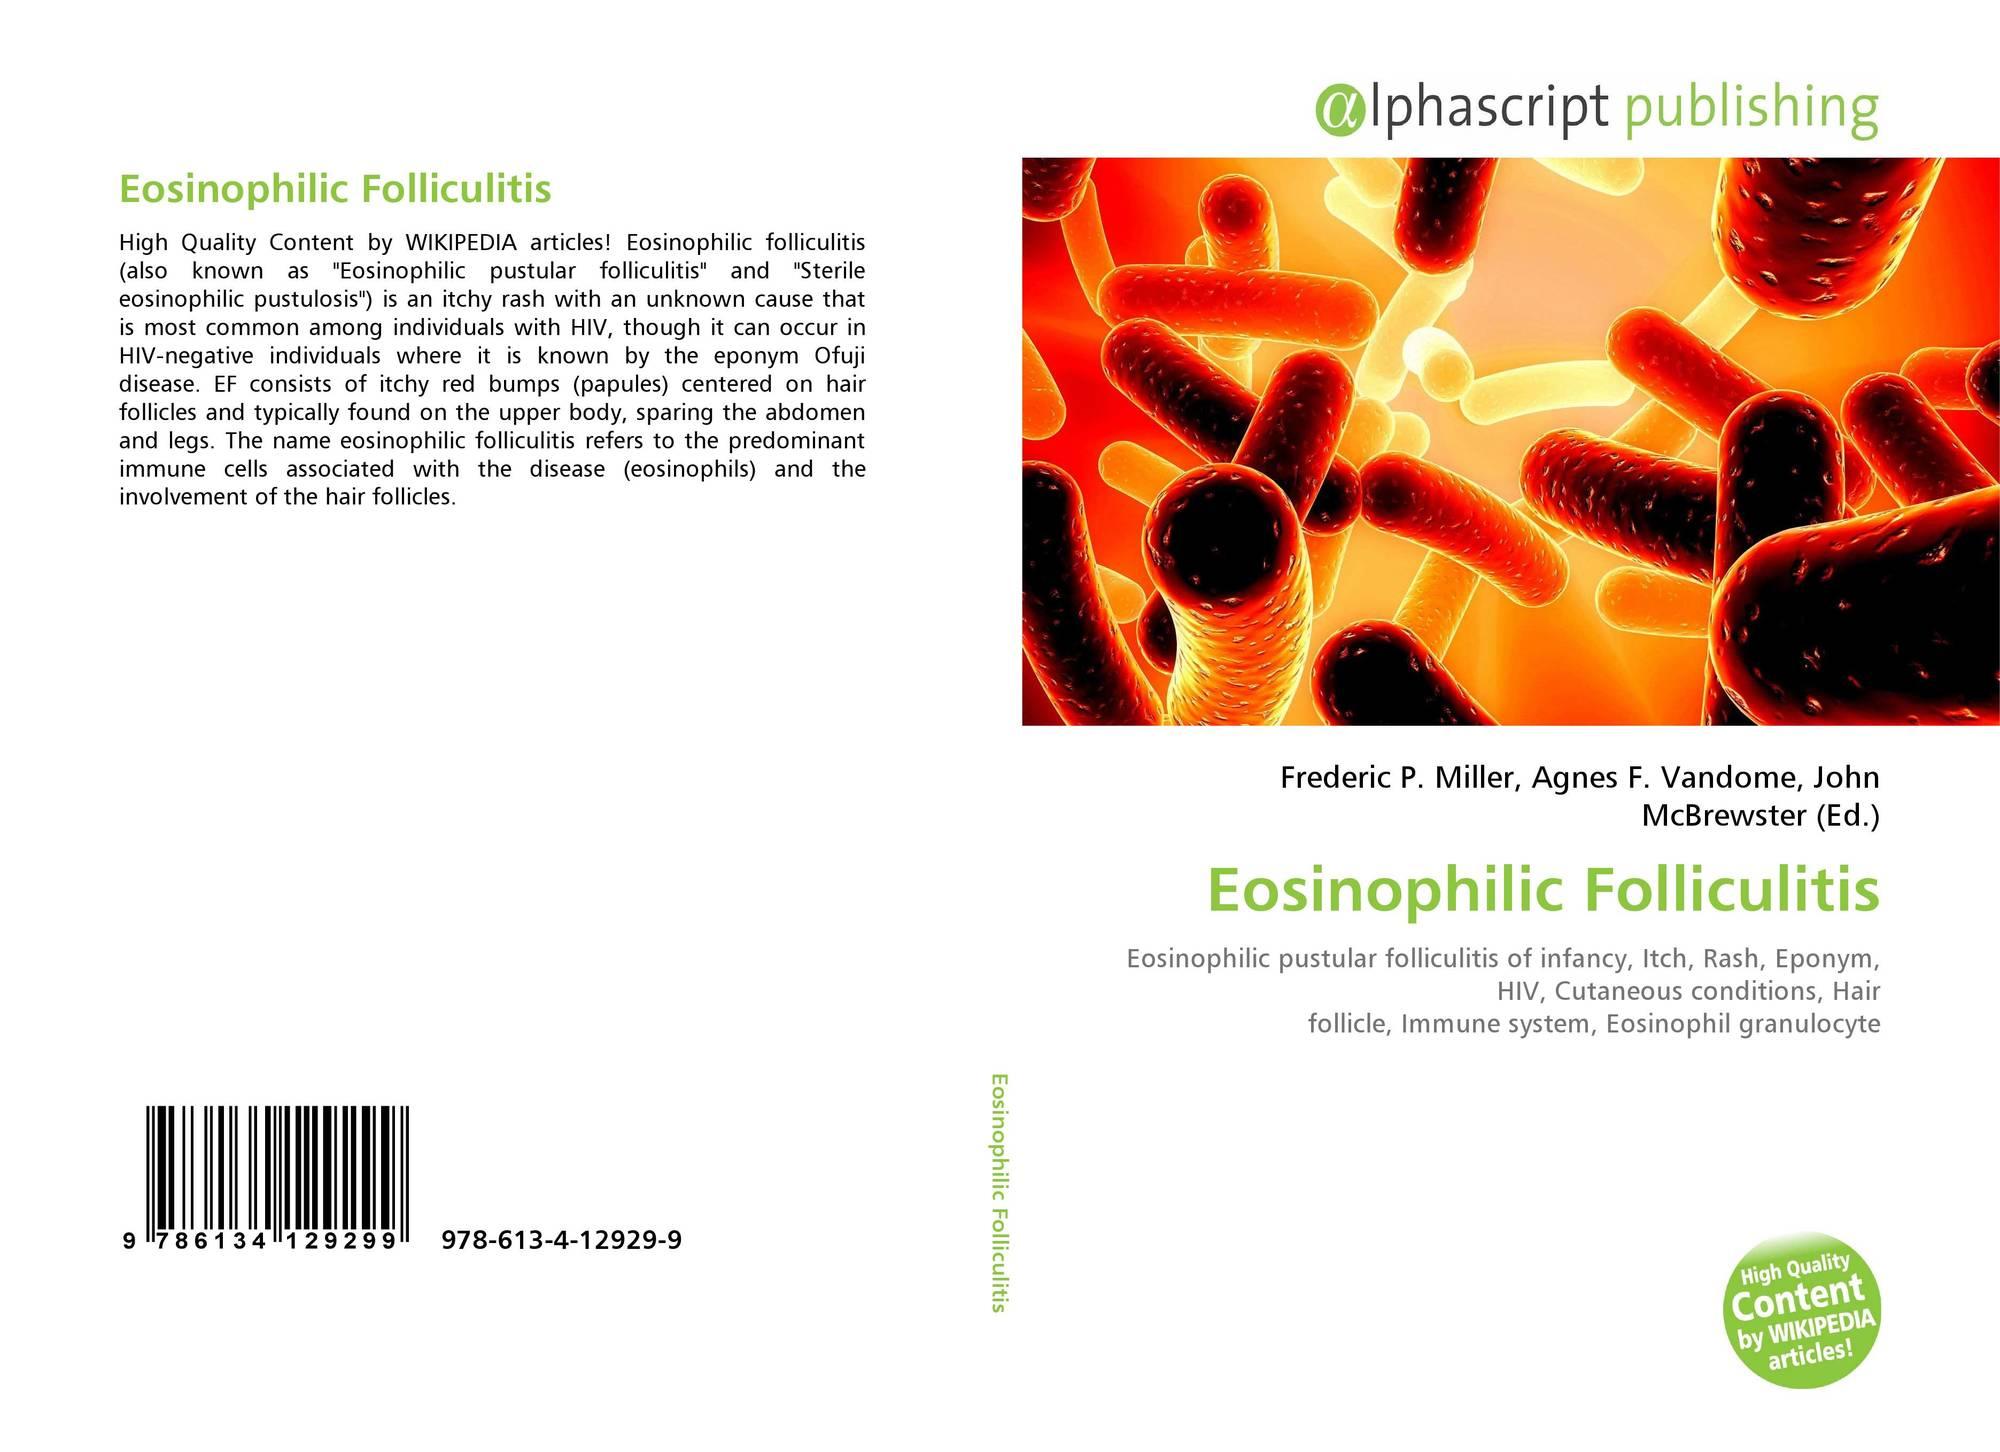 Eosinophilic Folliculitis 978 613 4 12929 9 6134129291